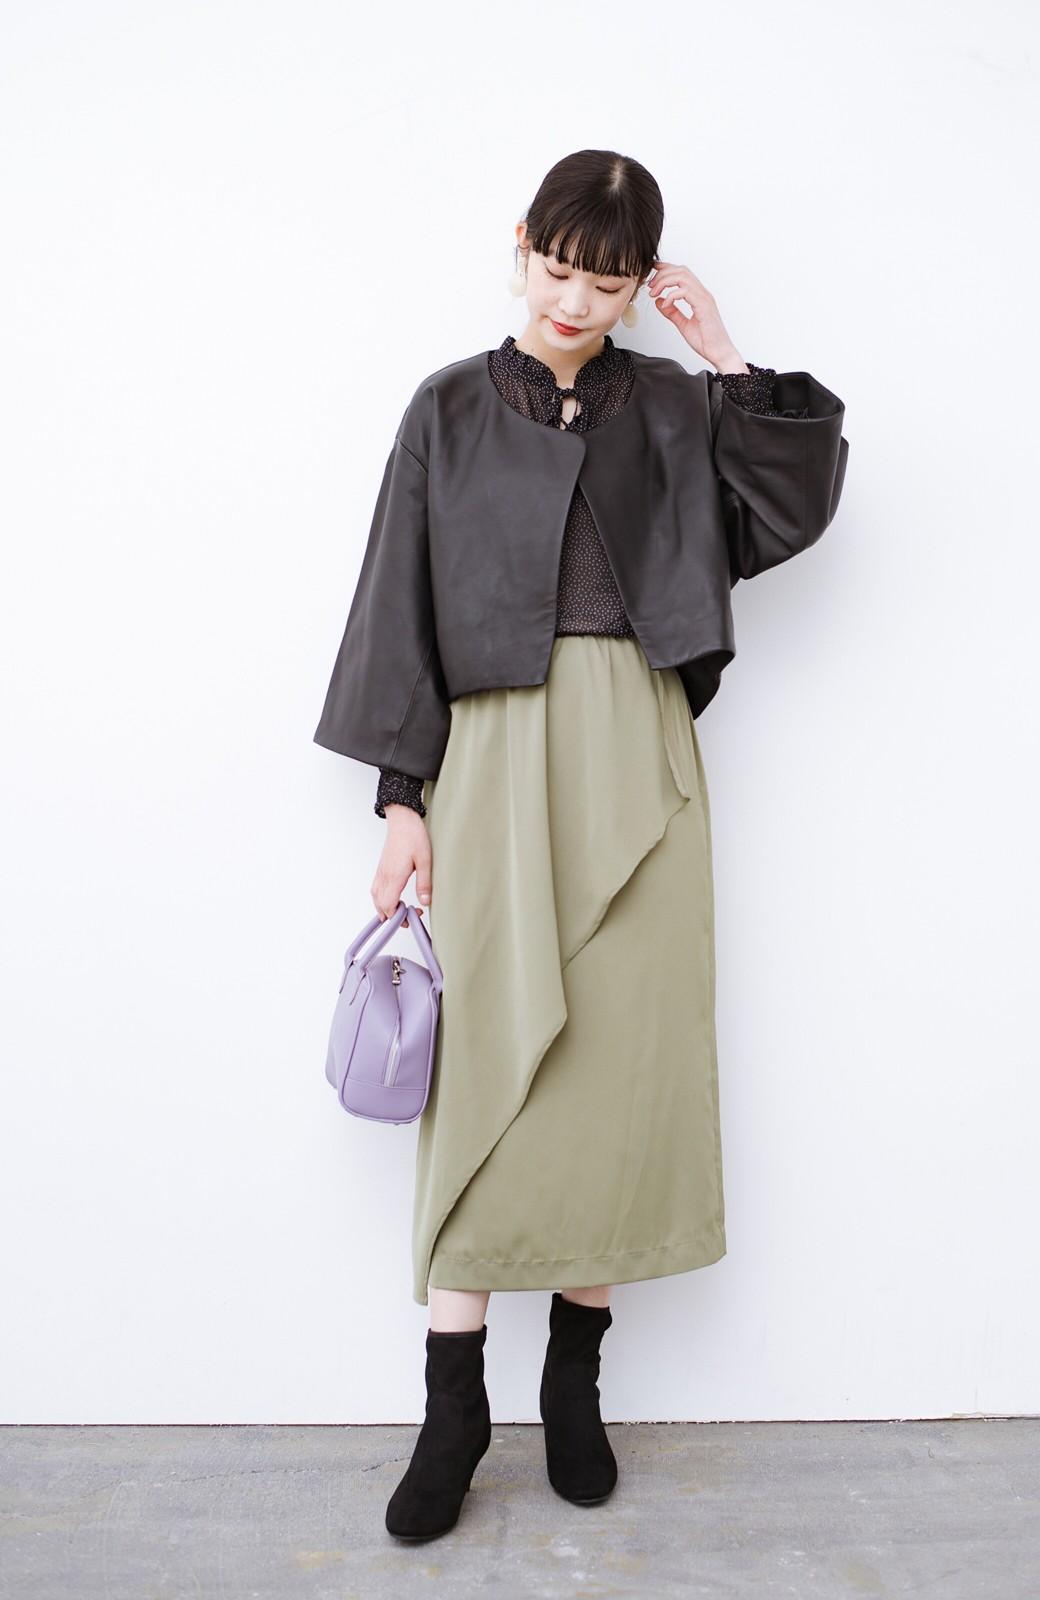 haco! デニムにもスカートにも似合う!すぽっと履けてスタイルアップが叶う女っぽフェイクスエードブーツ <ブラック>の商品写真16